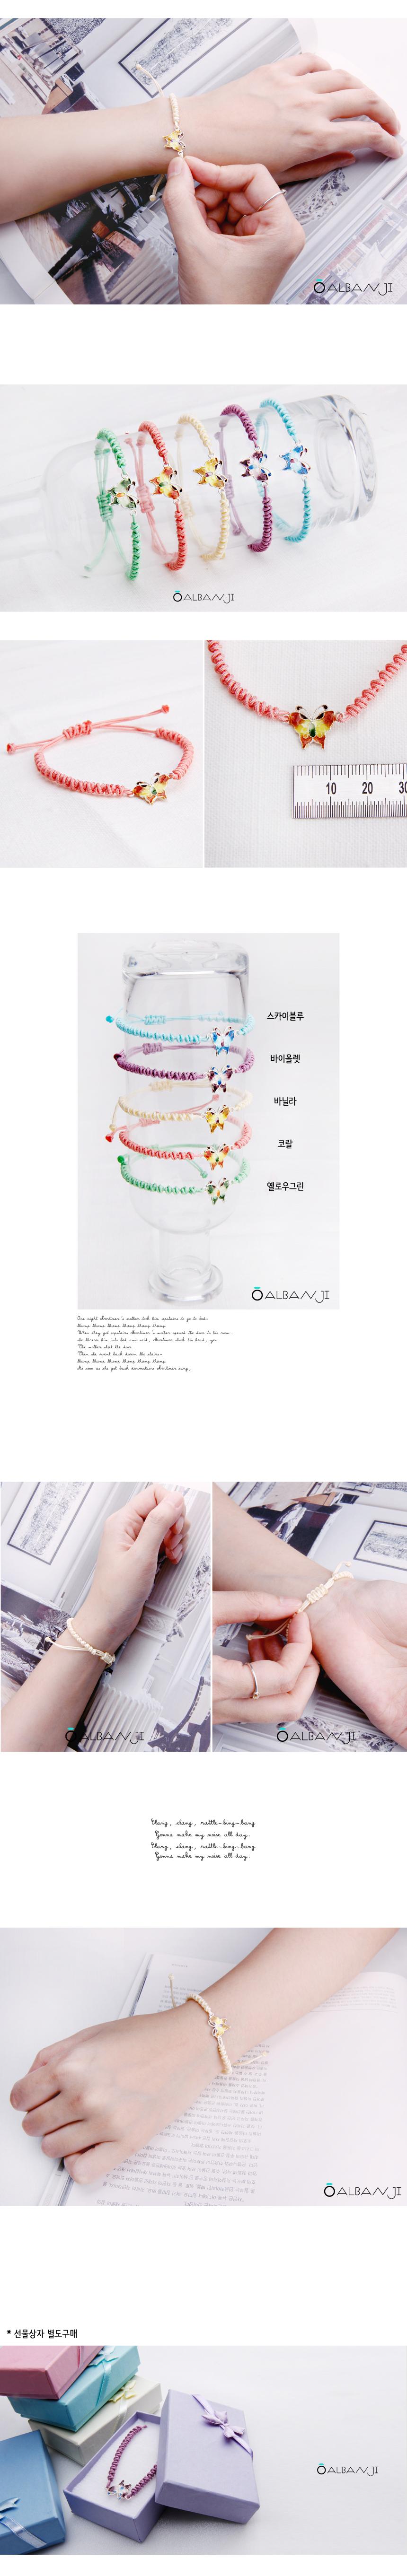 은칠보 나비 매듭팔찌 - 윤씨방, 26,000원, 팔찌, 패션팔찌